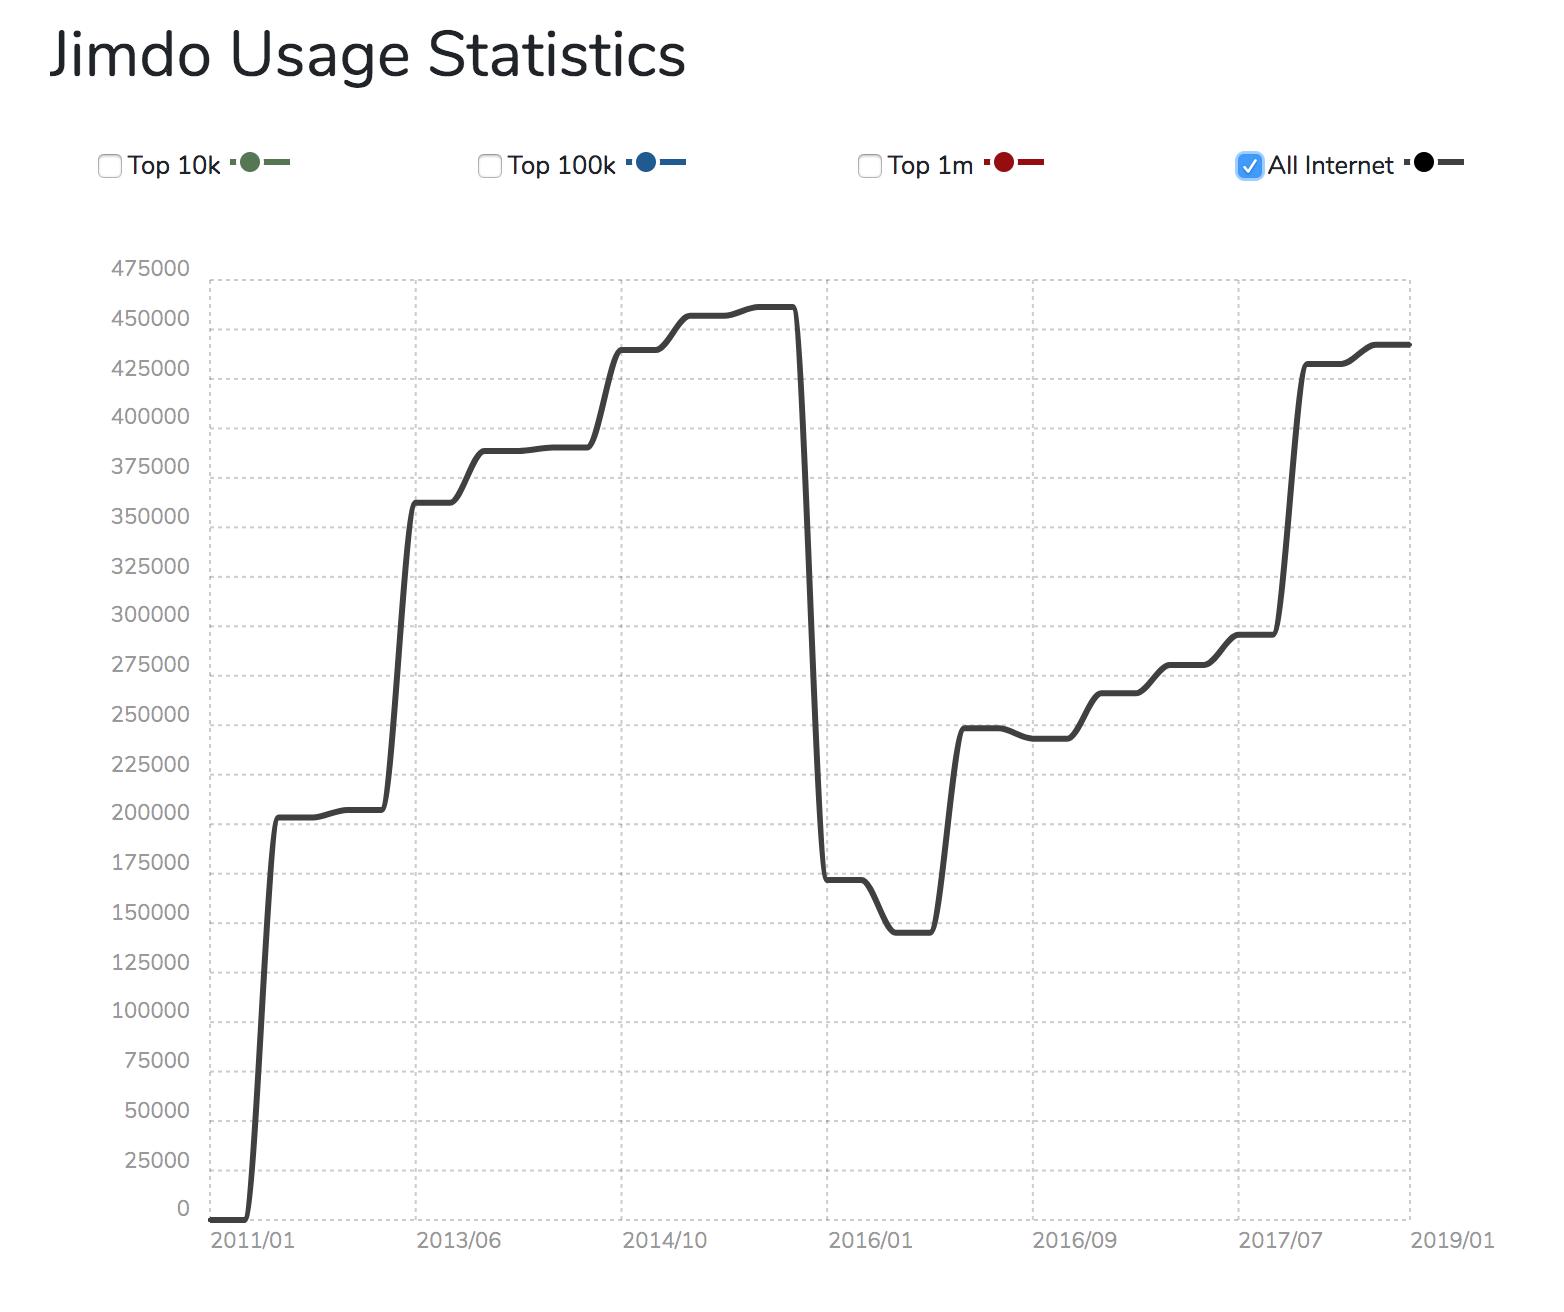 Abbildung von Jimdo-Statistiken.